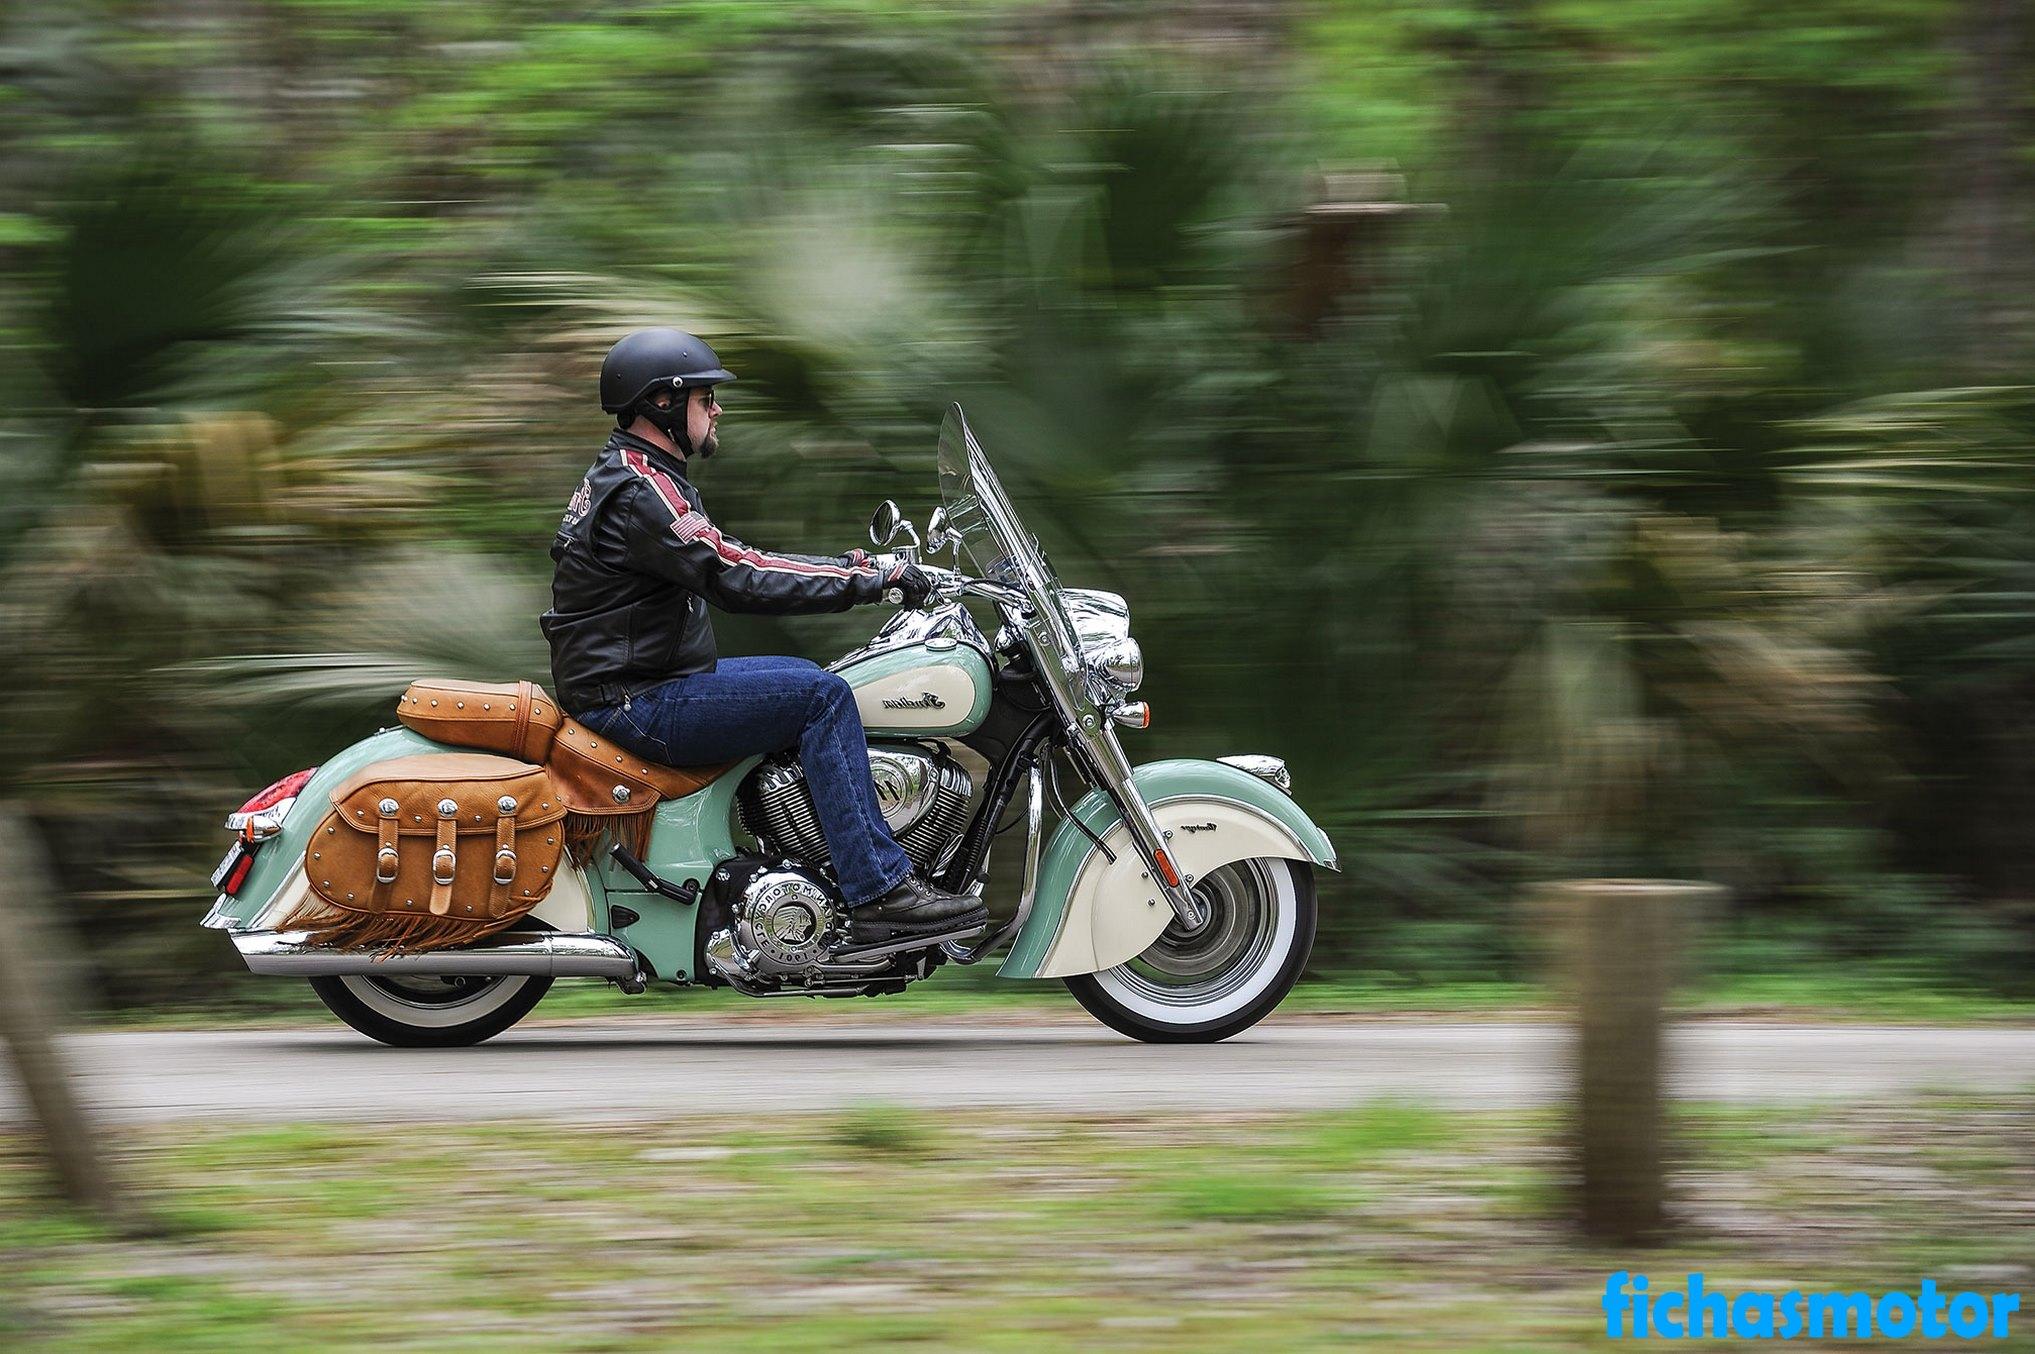 Imagen moto Indian chief vintage año 2015